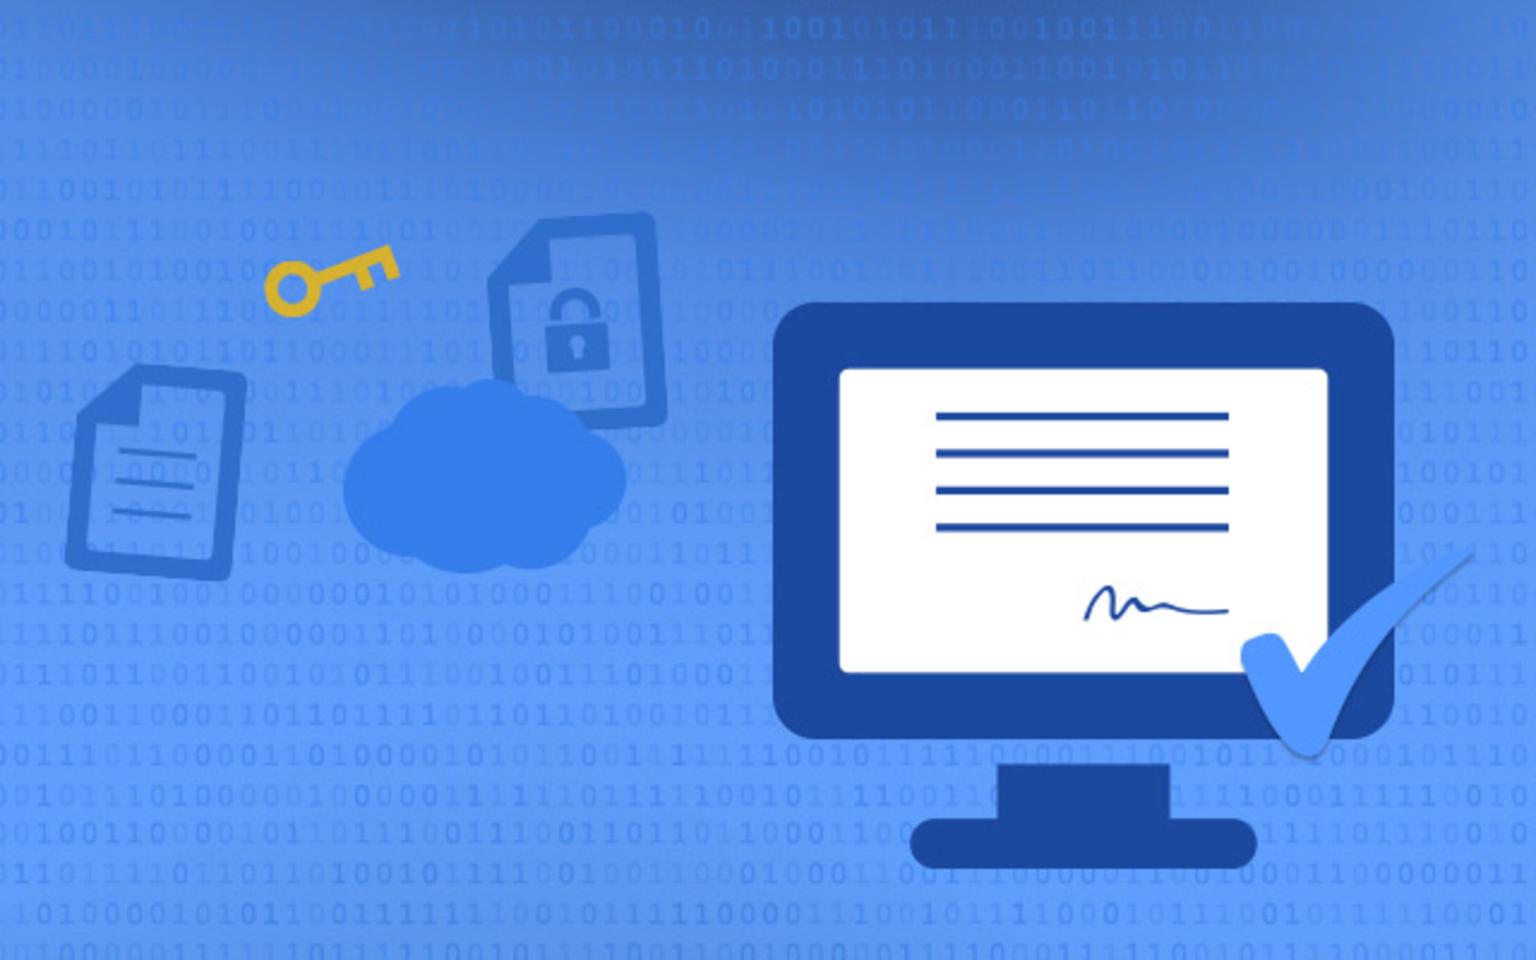 Wie funktionieren digitale Signaturen